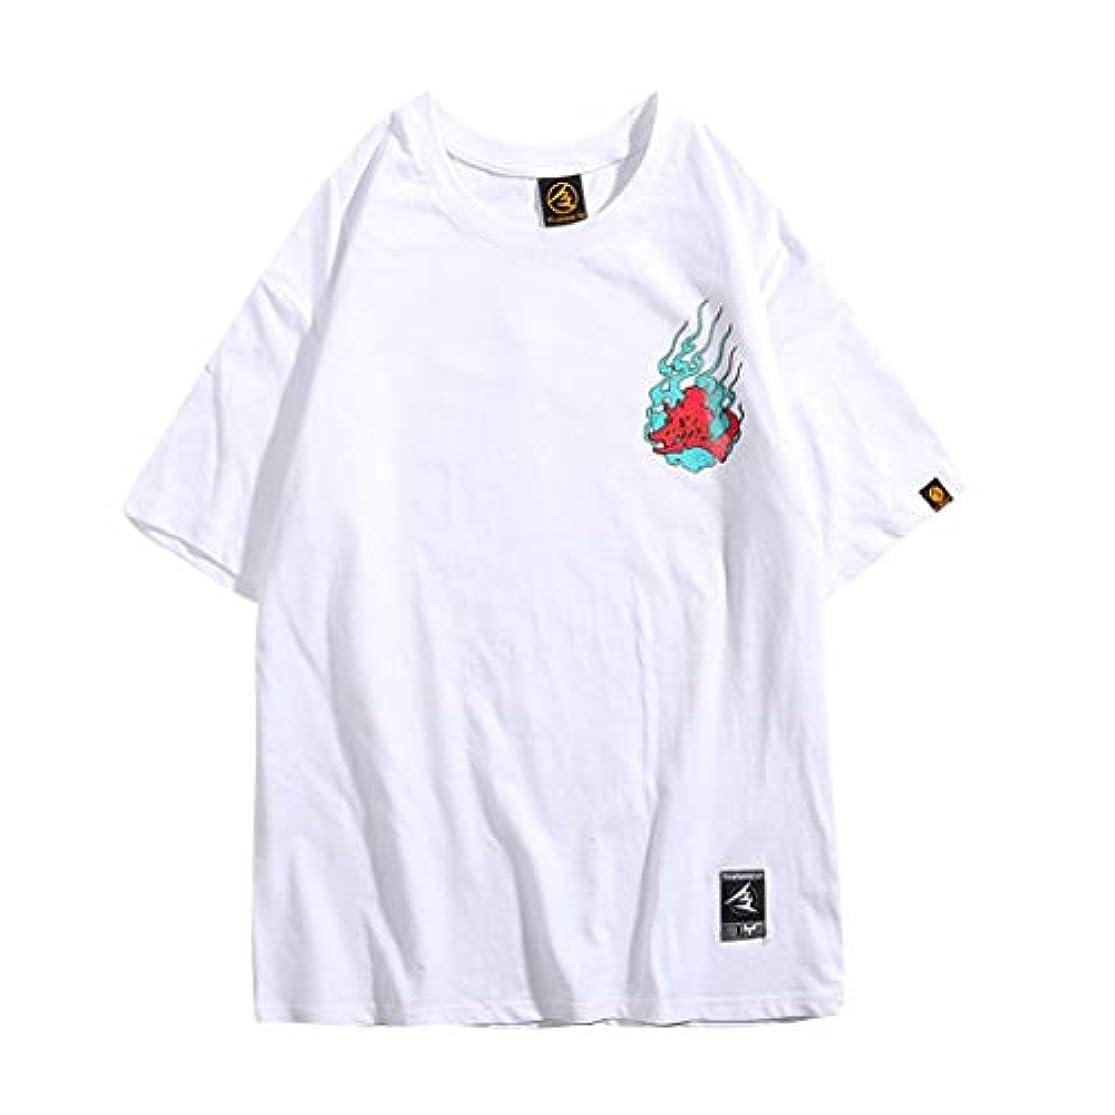 装備するアノイ葉を集める?Mangjiuメンズ服tシャツ夏おしゃれシンプルなスタイル人気の花プレゼント花火大会カップルのファッションプリントシャツヒップホップストリートウェア半袖Tシャツブラウス